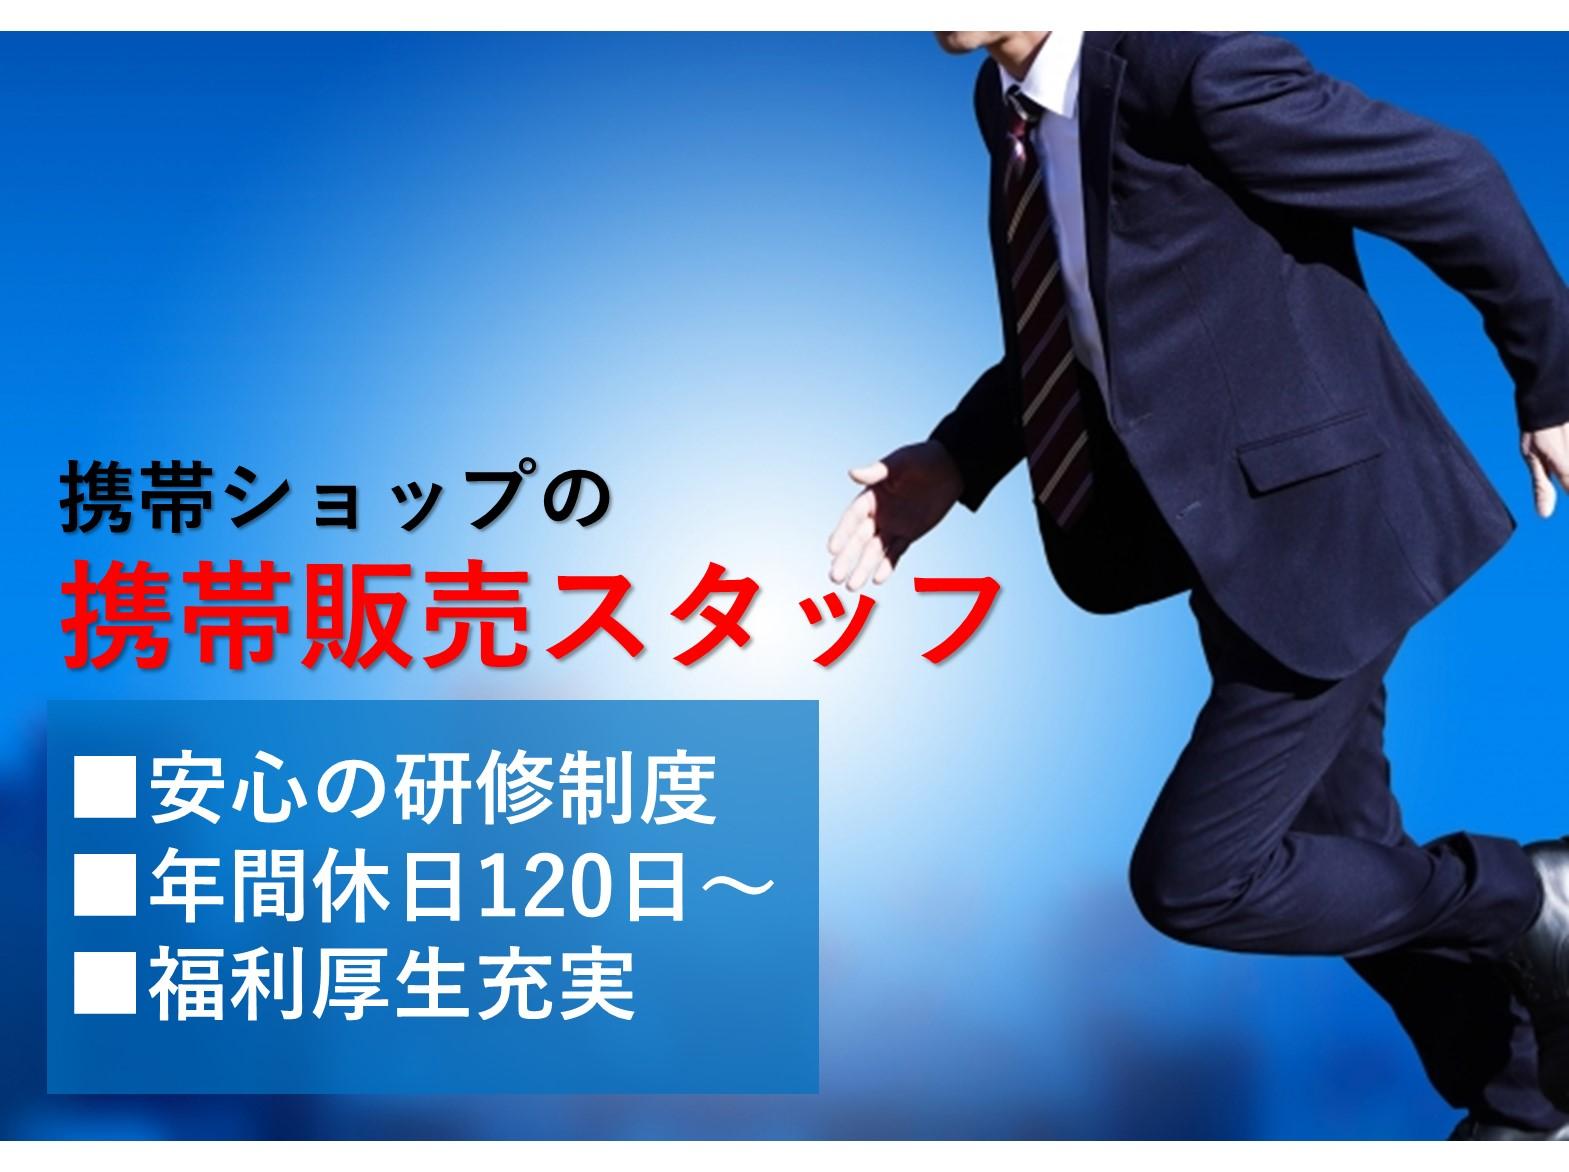 携帯ショップの携帯販売スタッフ【接客スキルUP!未経験◎】即面談可能 イメージ